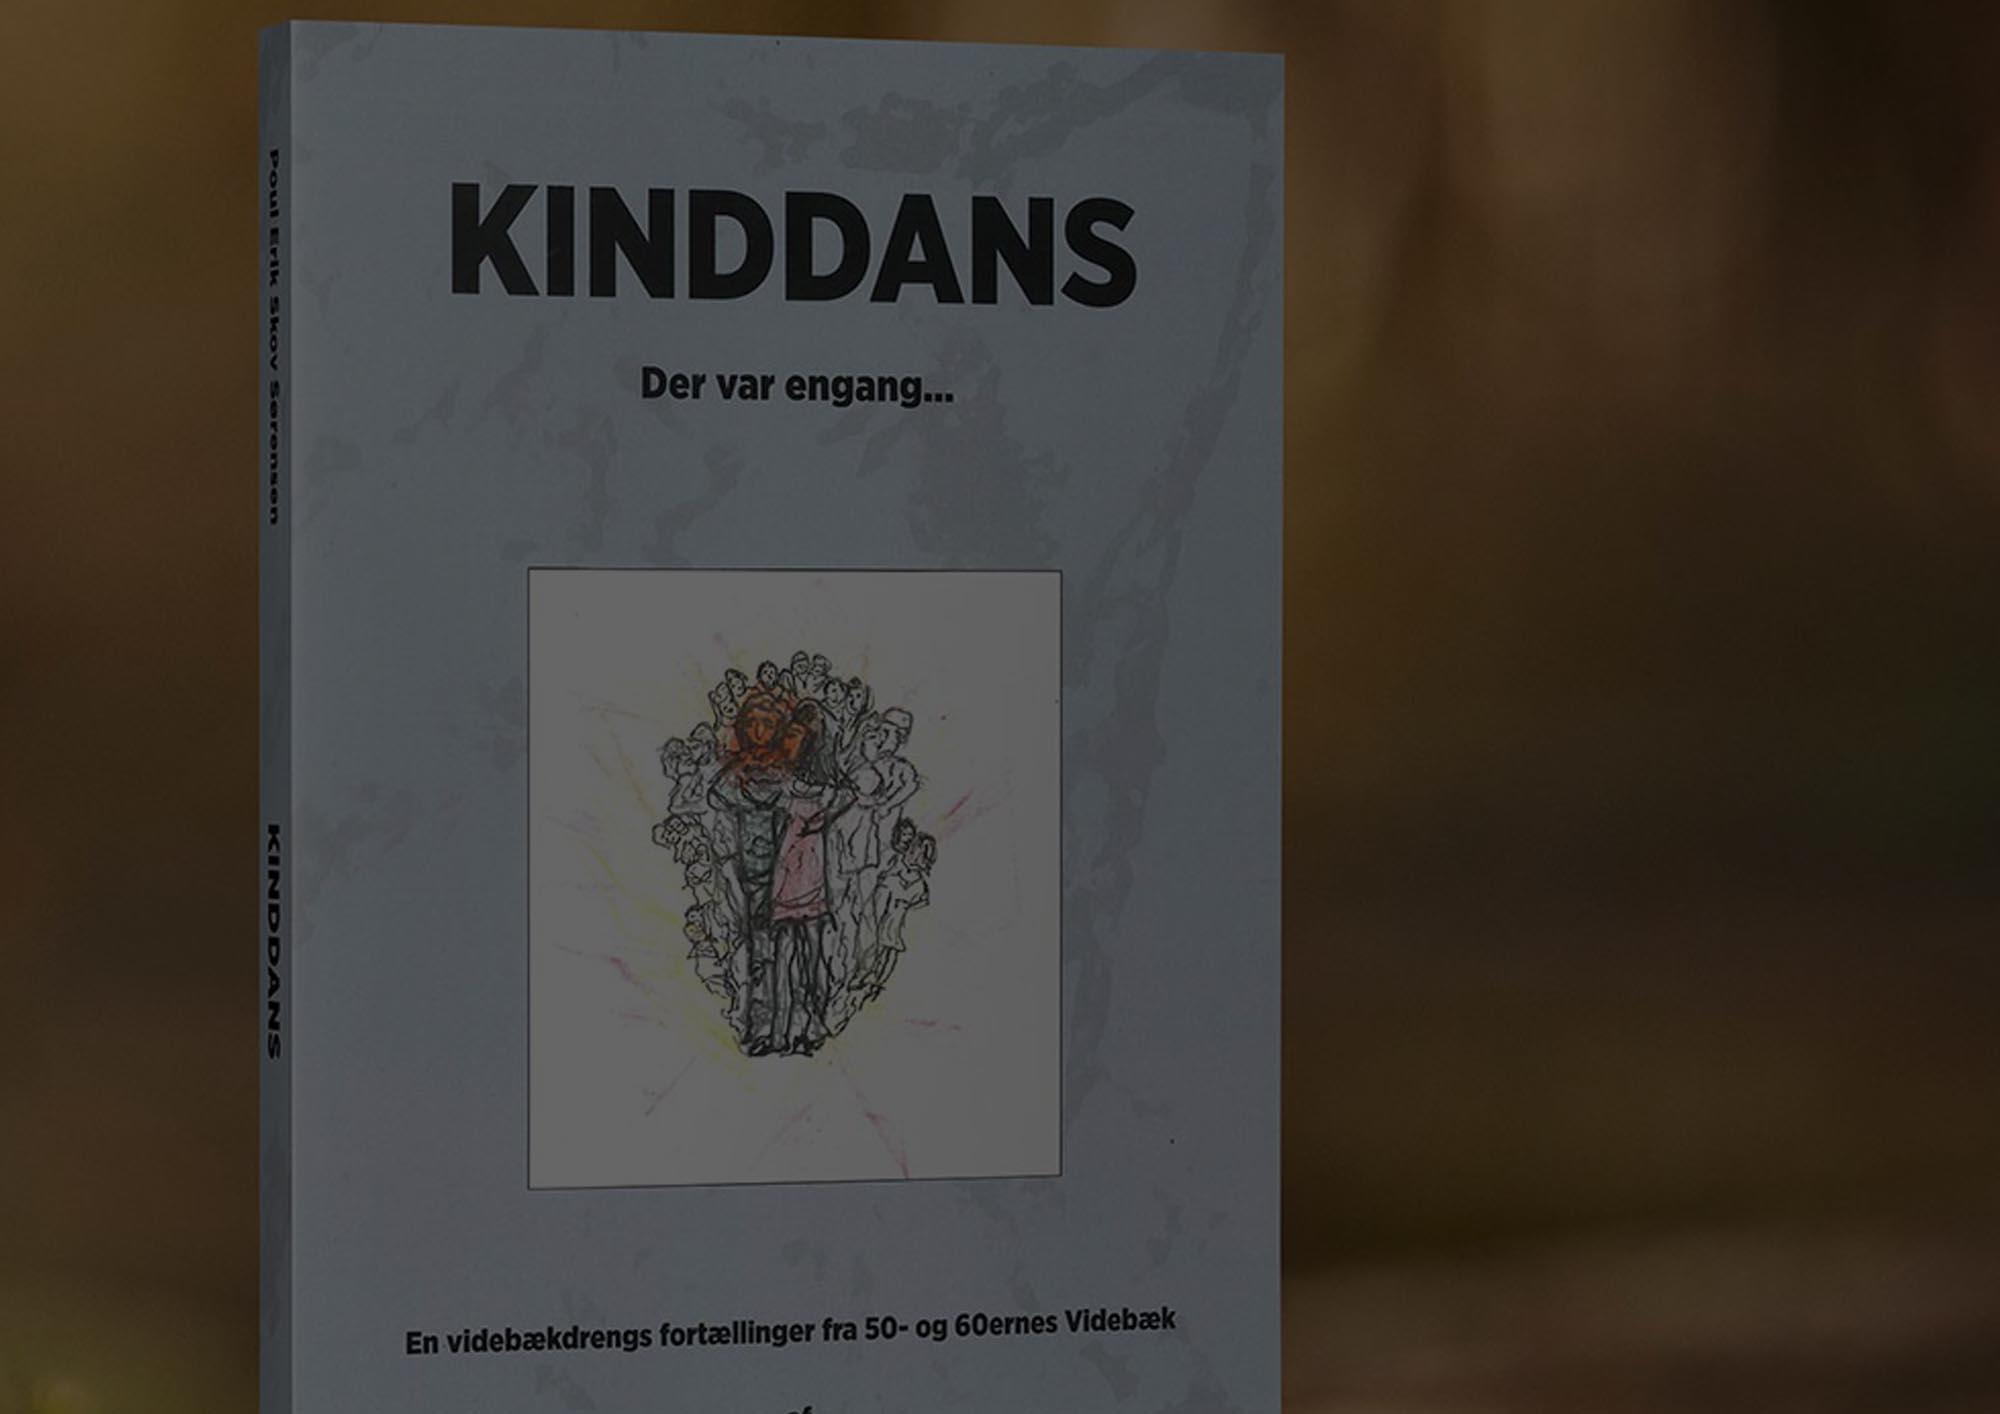 KINDDANS - EN VIDEBÆKSDRENGS FORTÆLLINGER